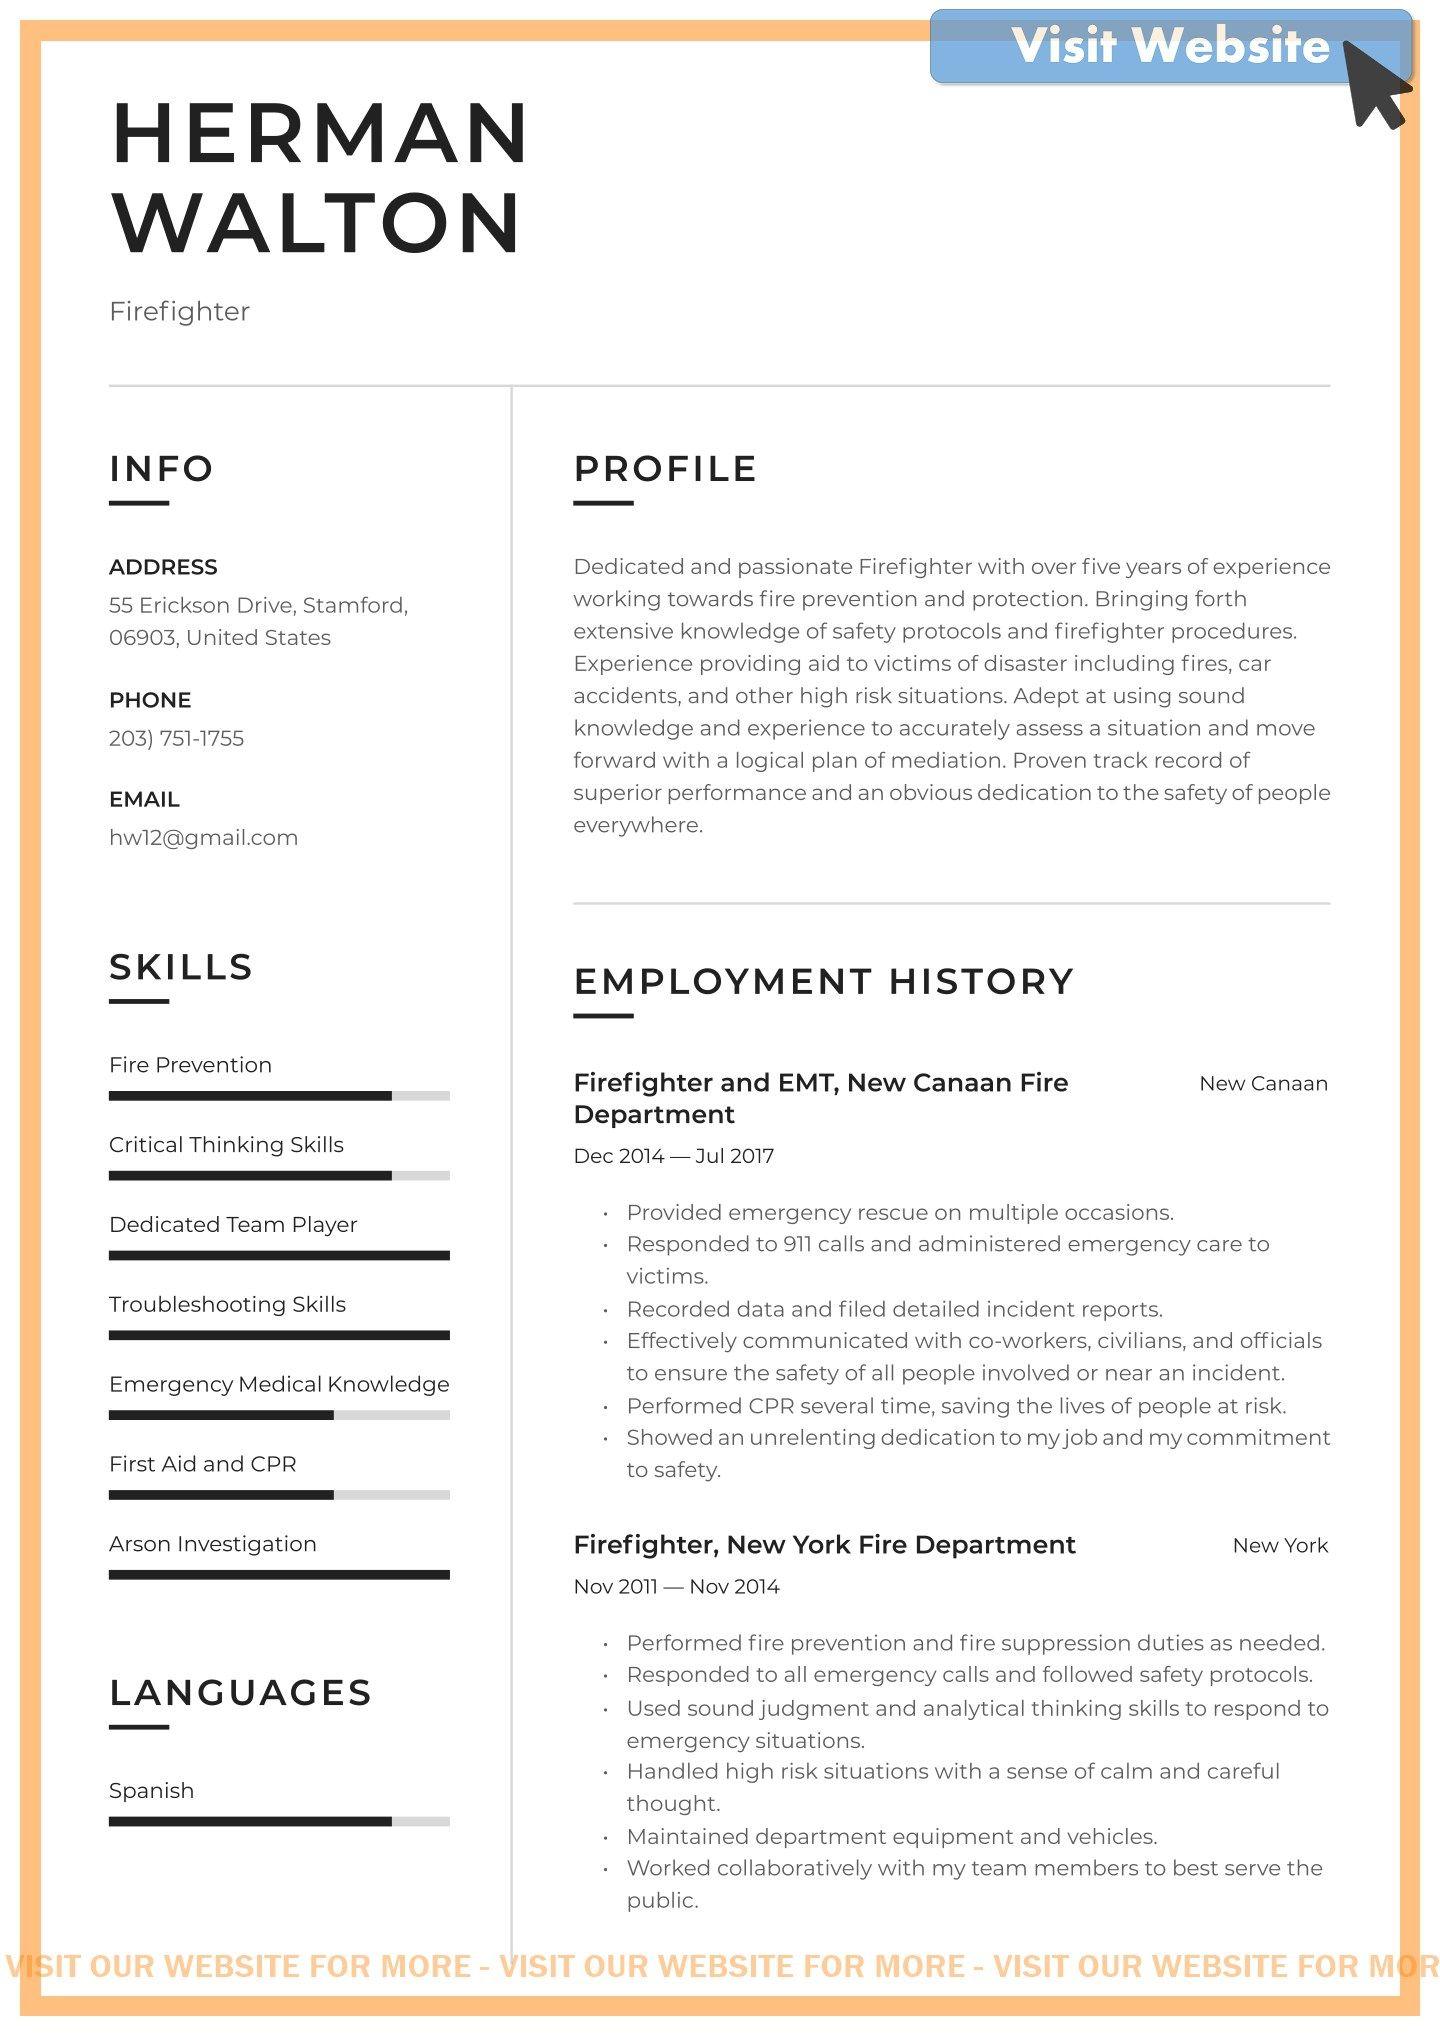 Firefighter Cover Letter For Resume In 2020 Resume Objective Security Resume Resume Objective Examples